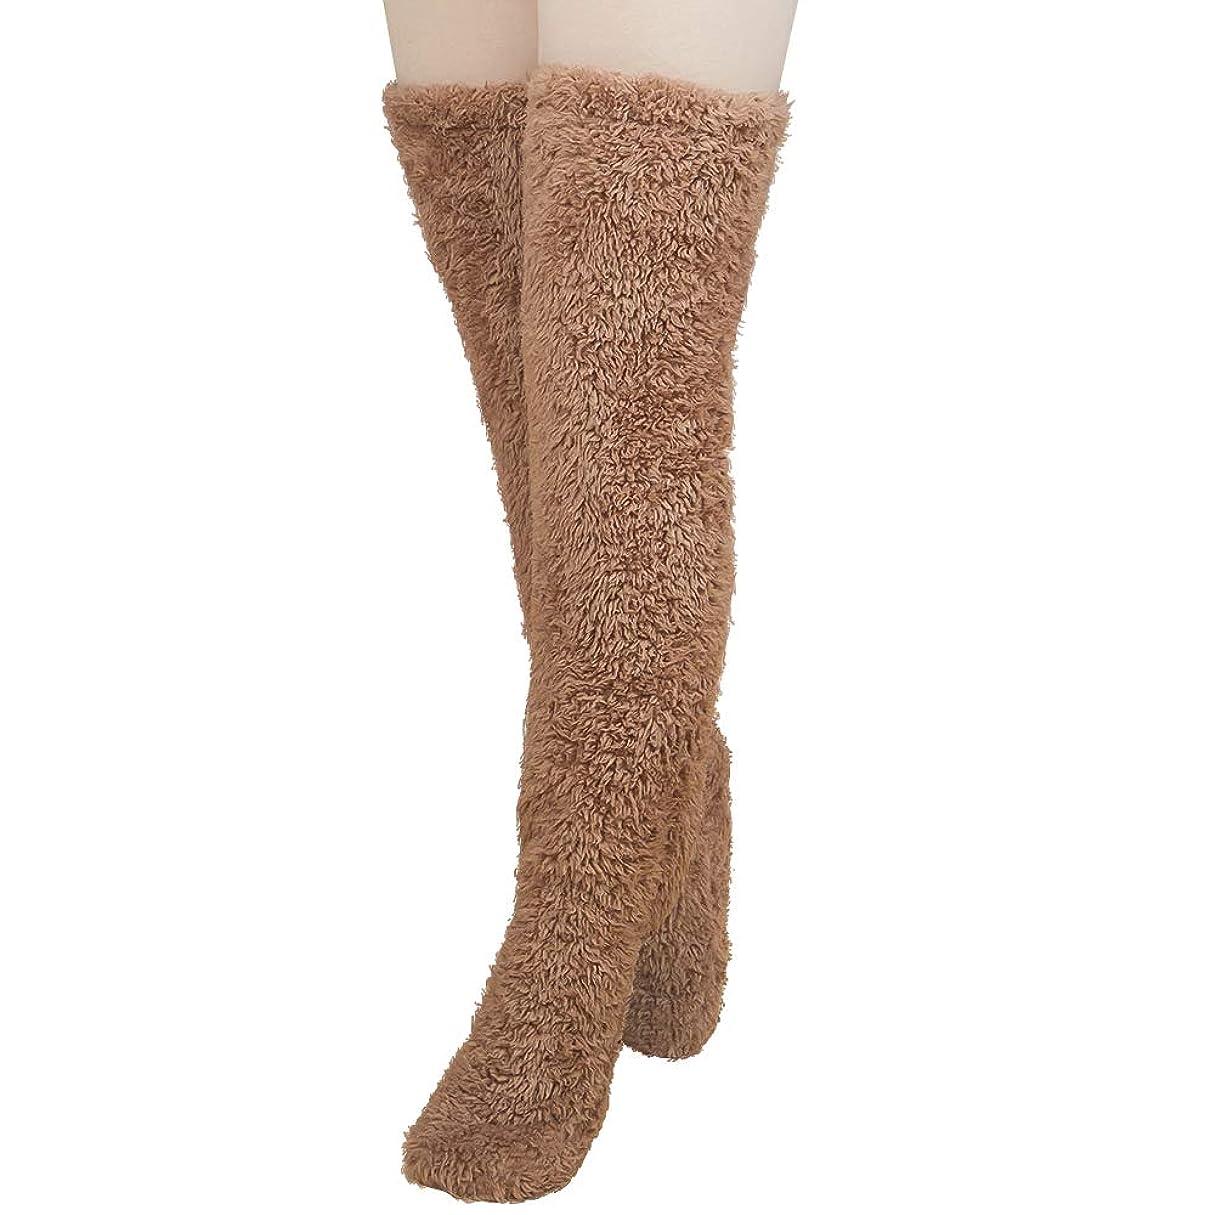 滞在効能ある一緒にMiuko 足が出せるロングカバー 極暖 レッグウォーマー ふわふわ靴下 ロングソックス 冷えとり靴下 毛布ソックス 冷え対策 防寒ソックス あったか 超厚手 男女兼用